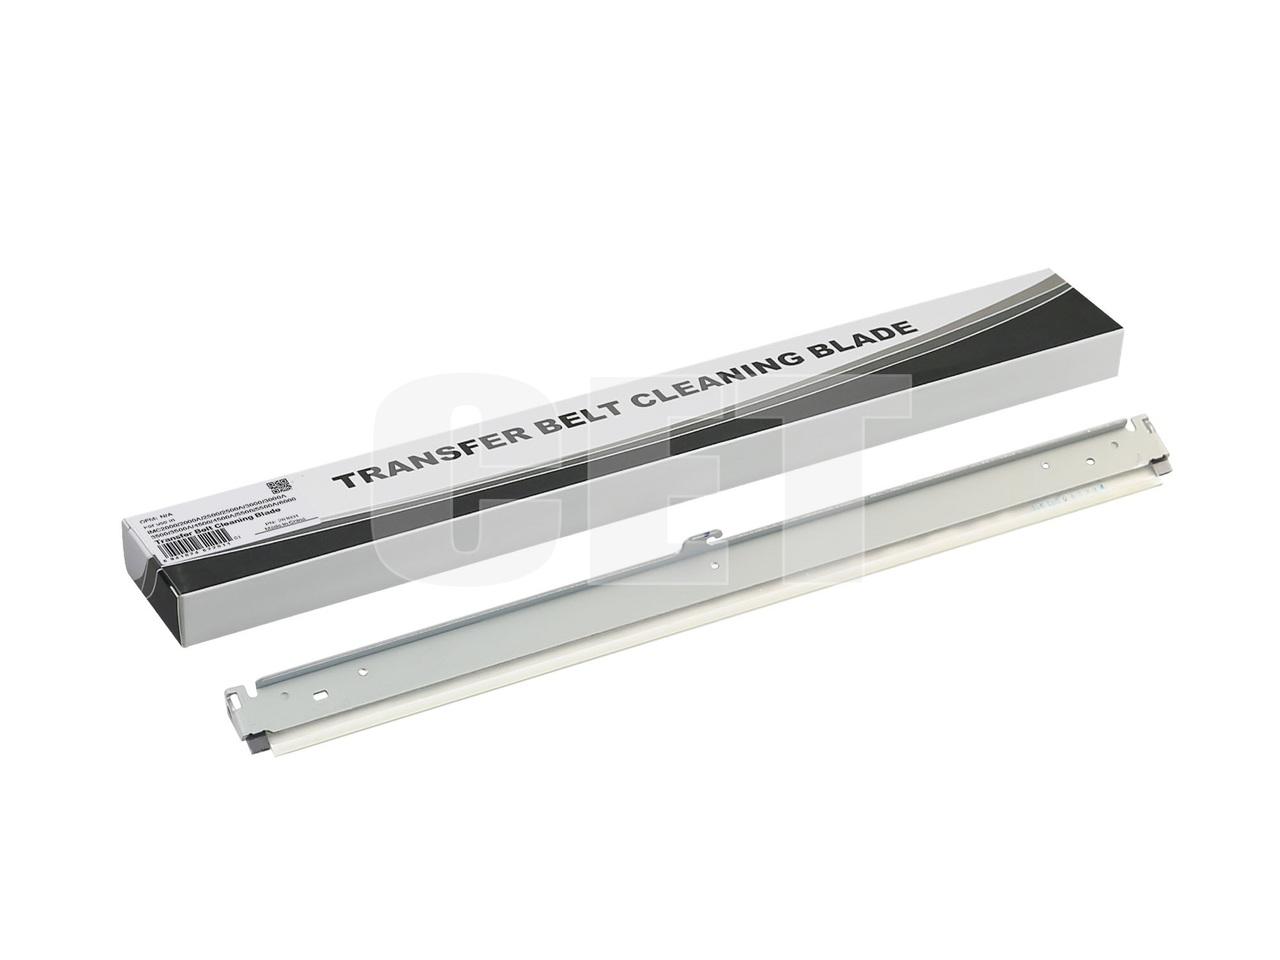 Лезвие очистки ленты переноса для RICOH MP C501SP (CET),(WW), CET281031